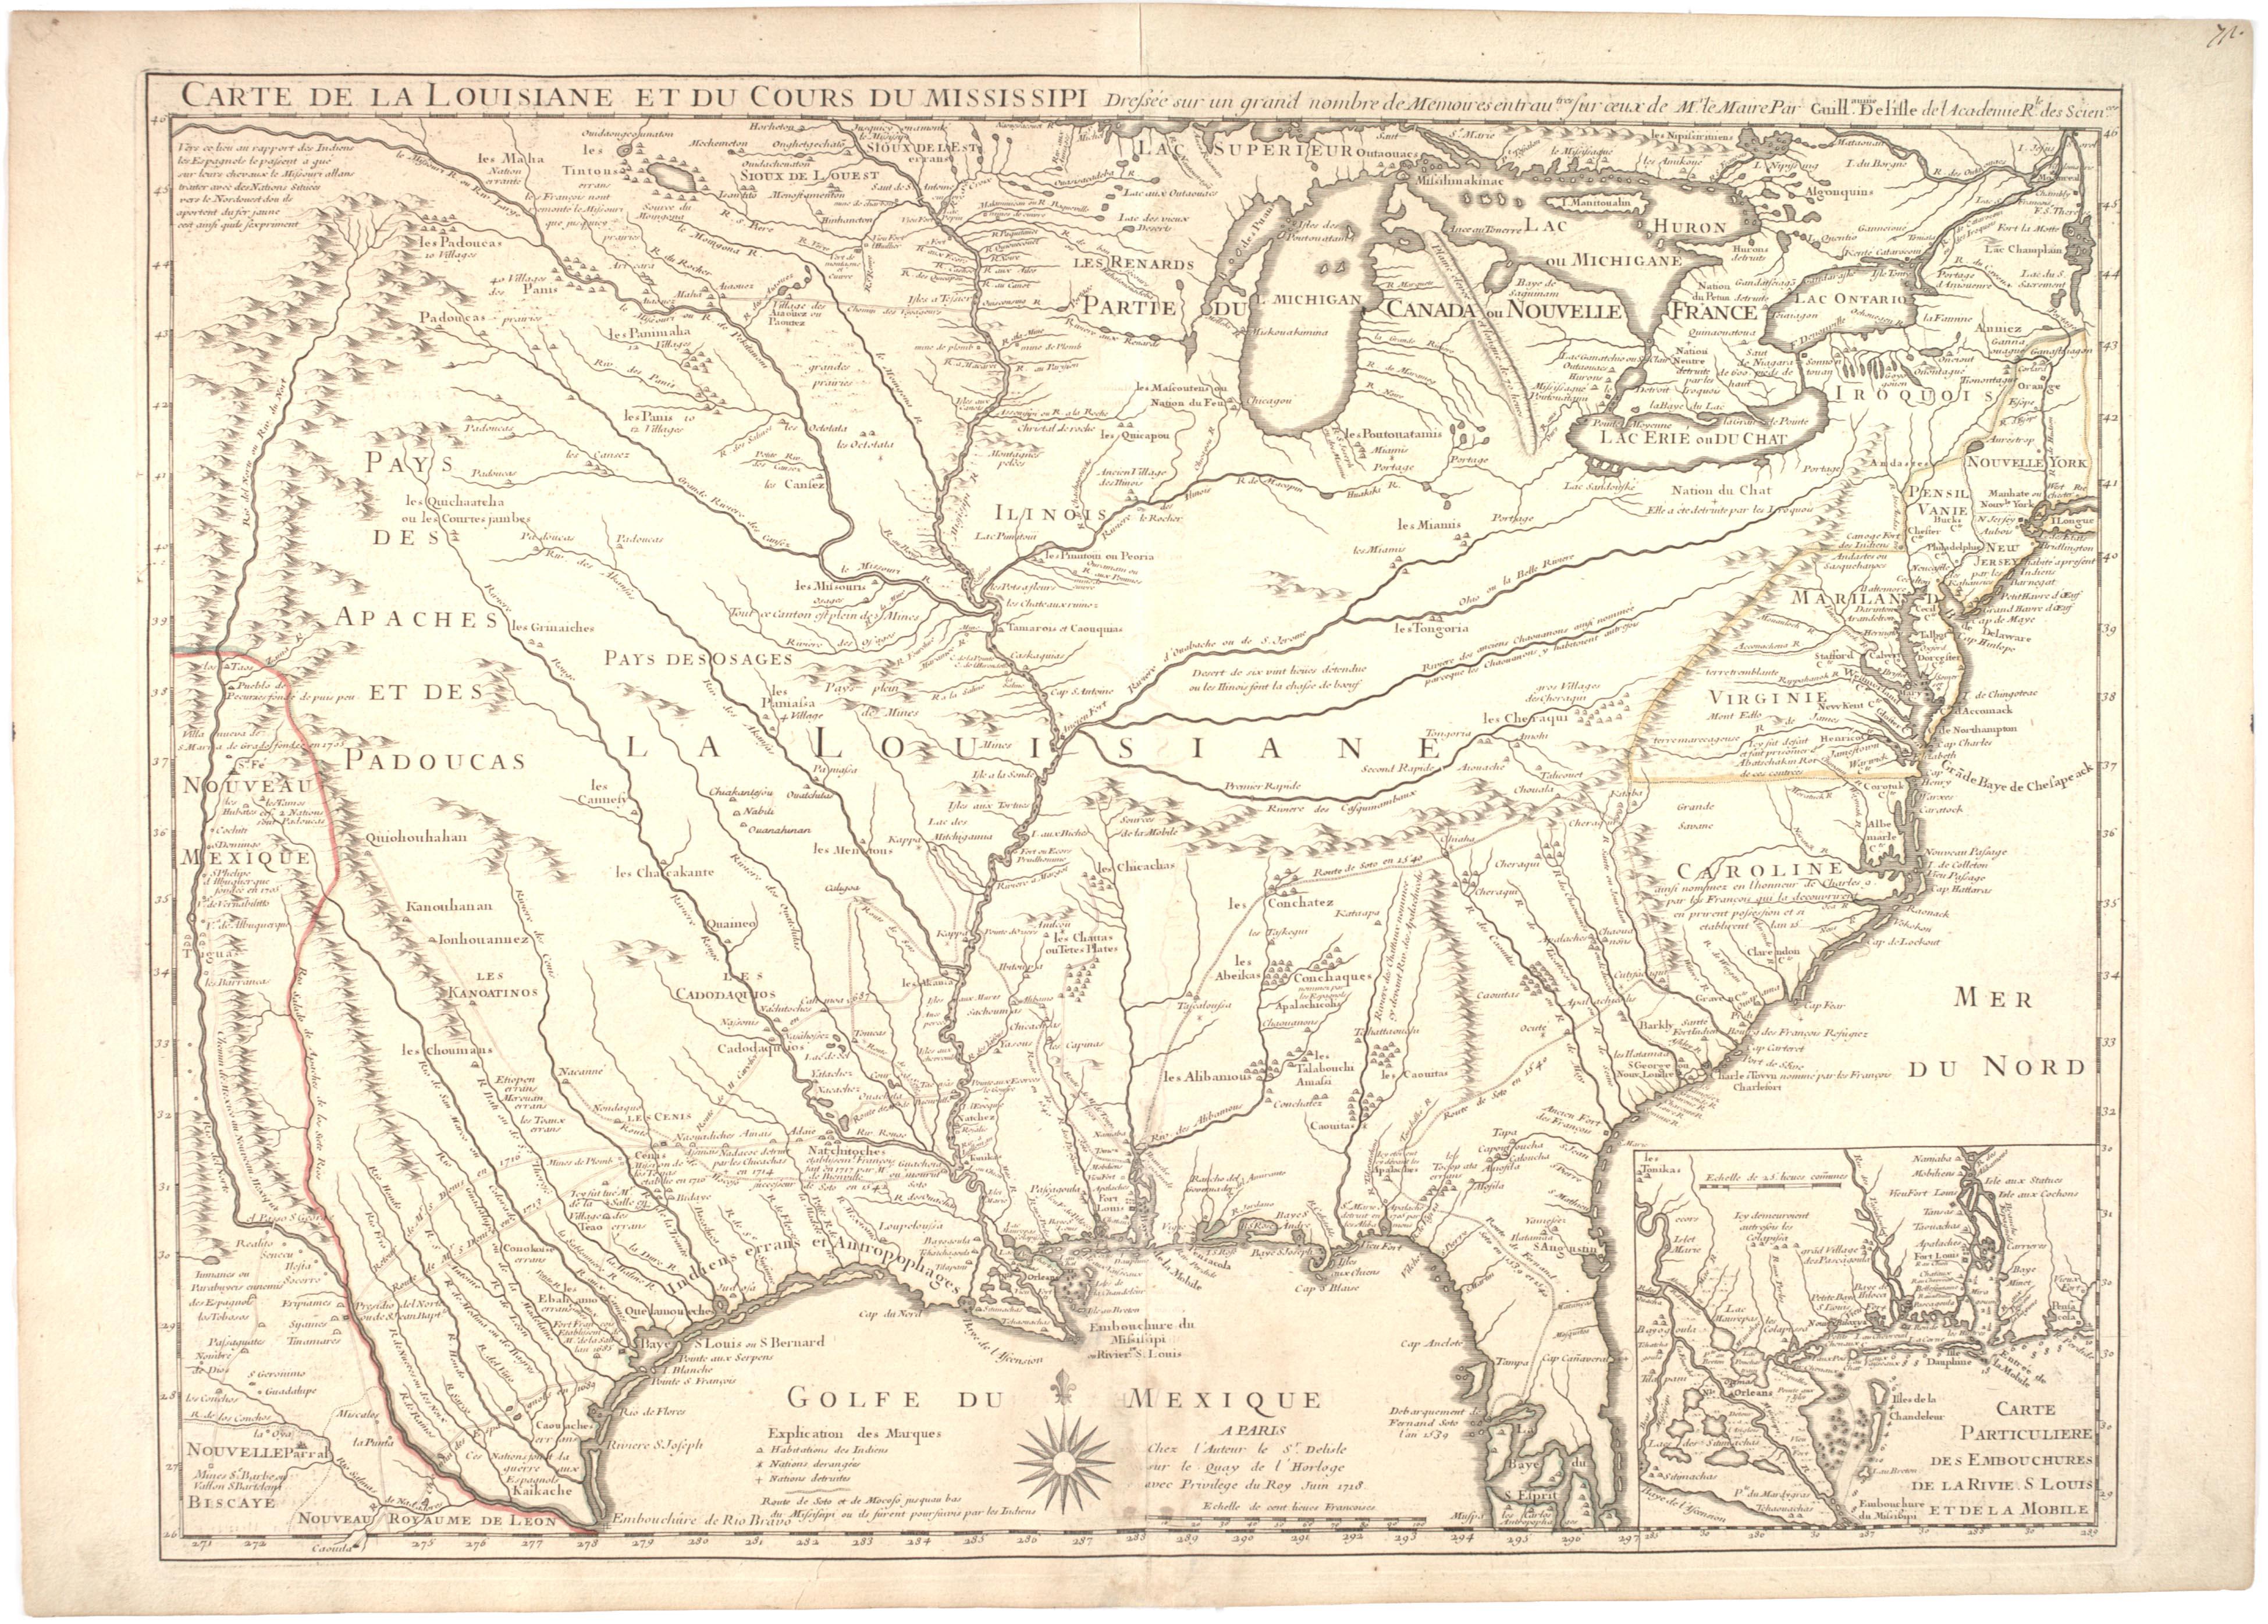 Carte de la Louisiane et du cours du Mississippi [map of North America], by Guil